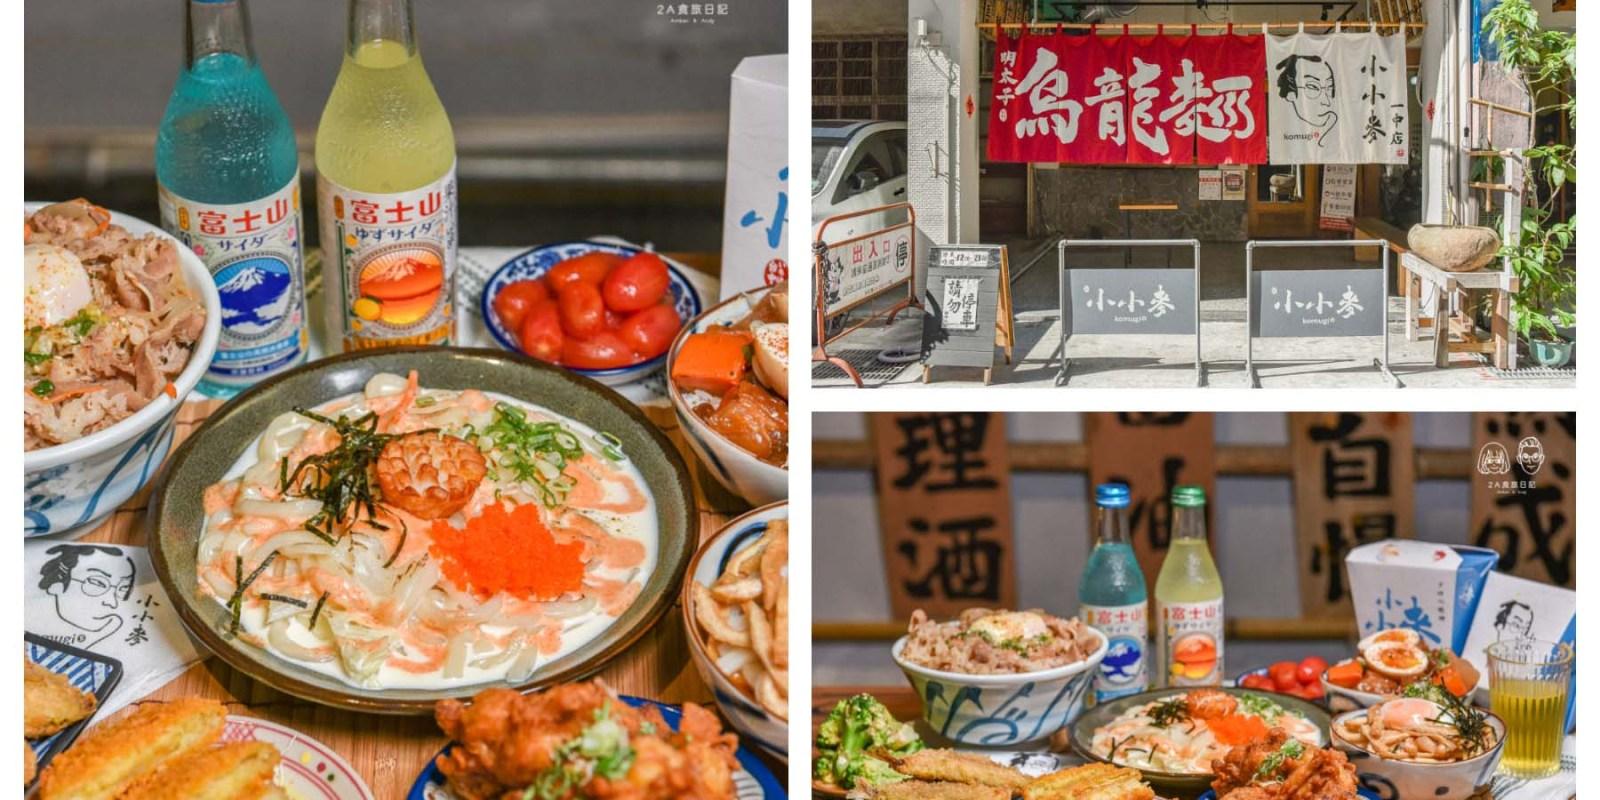 小小麥一中店:台中北區美食-鄰近中國醫藥大學、中友百貨的$99元平價日式丼飯,肉量爆多爆滿足,還有面超好拍的打卡牆!